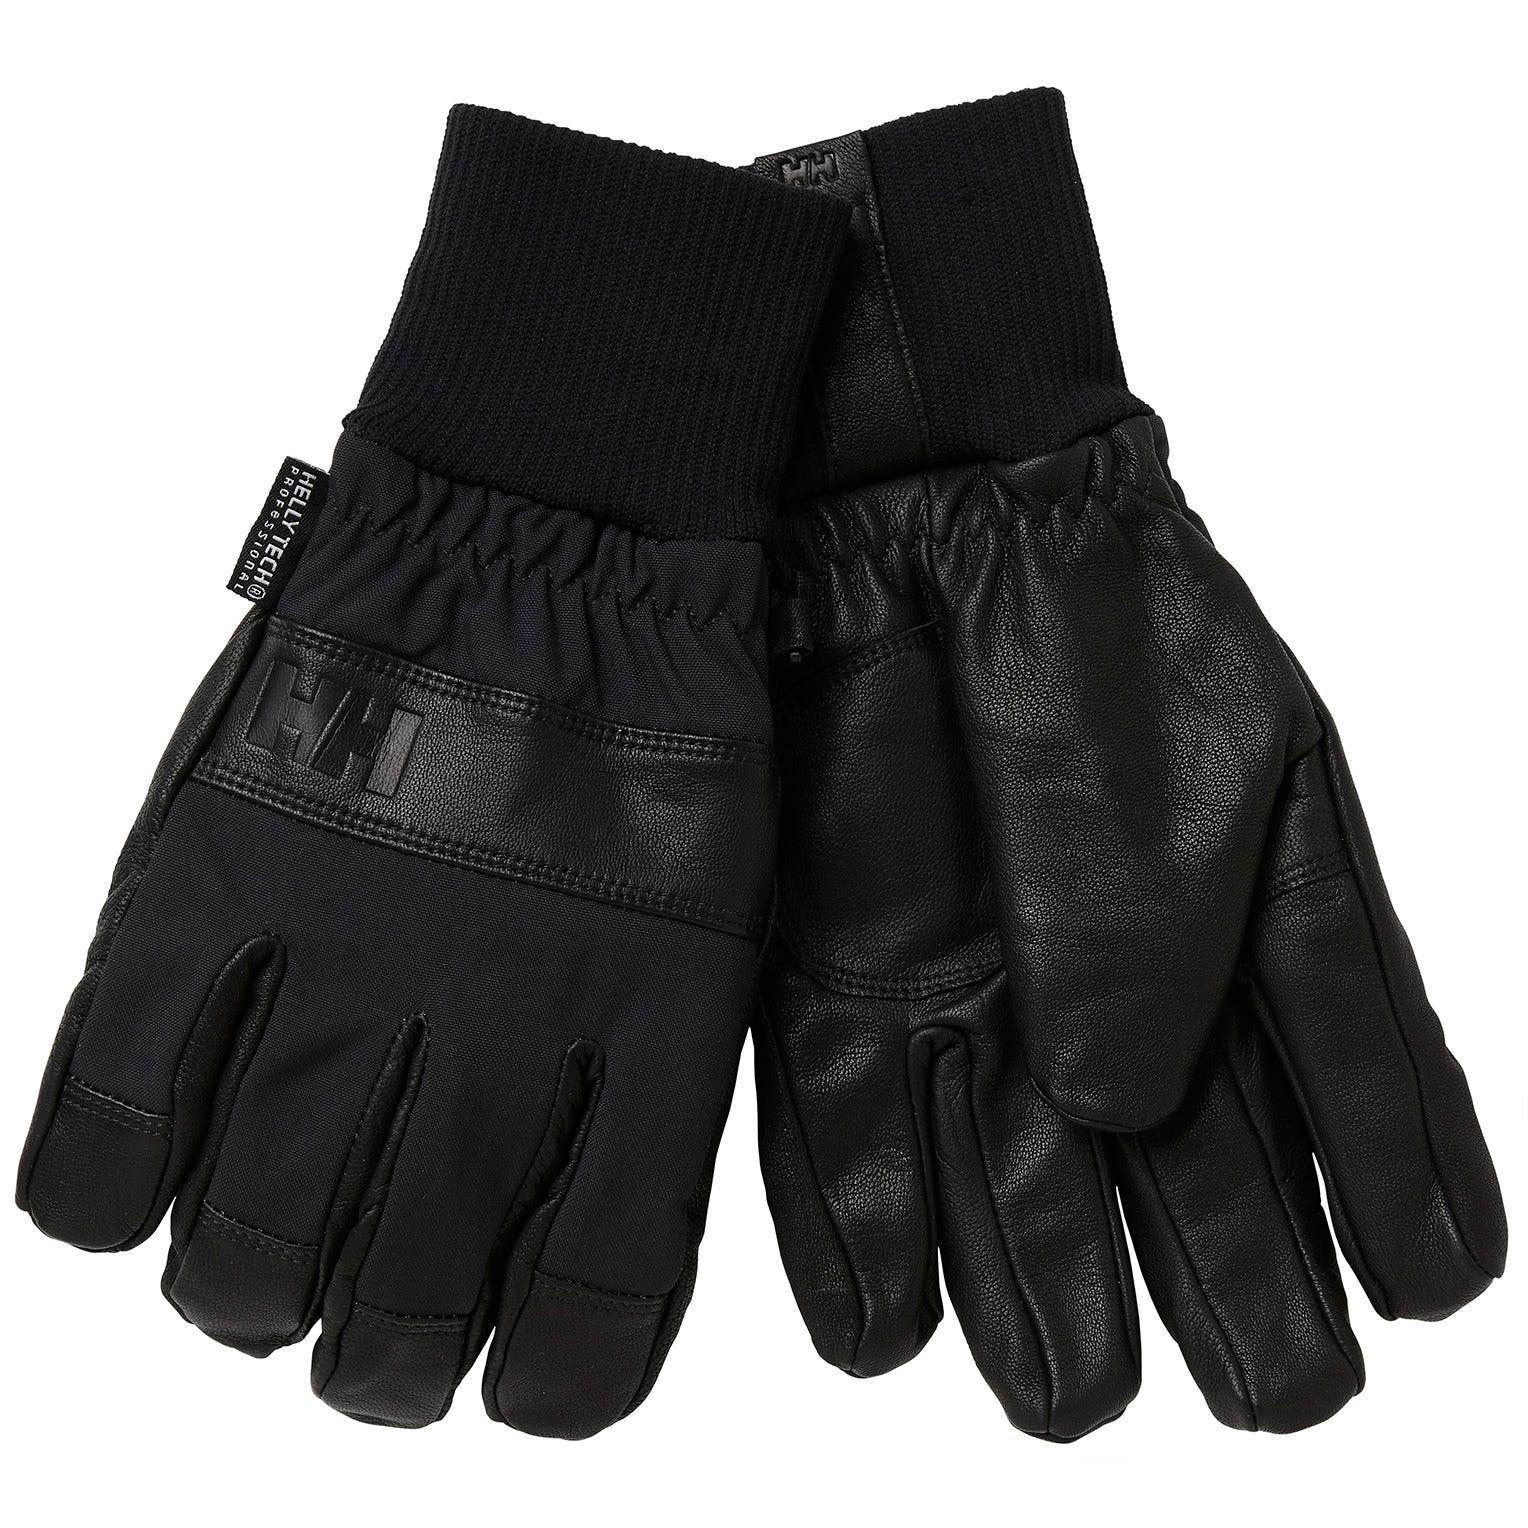 Helly Hansen Dawn Patrol Glove Mens Black XXL